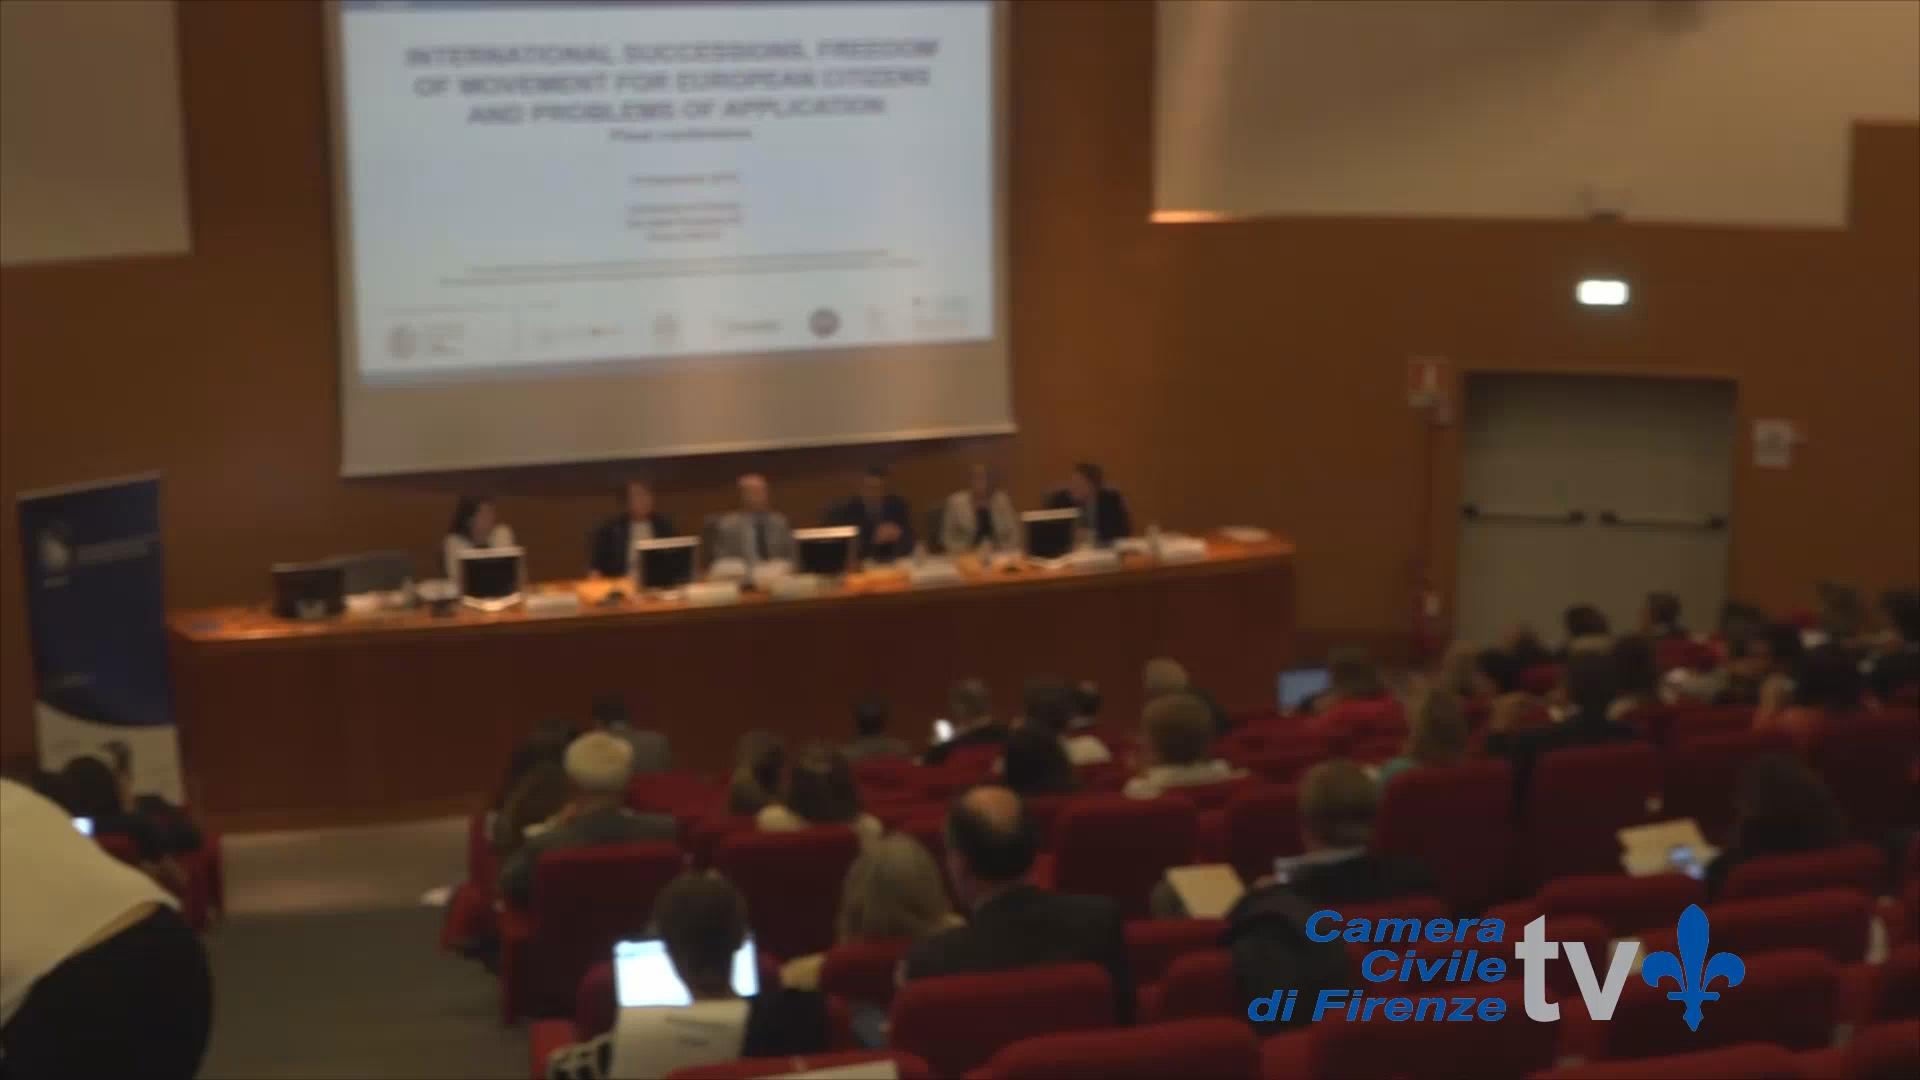 Camera Civile Firenze: le successioni internazionali